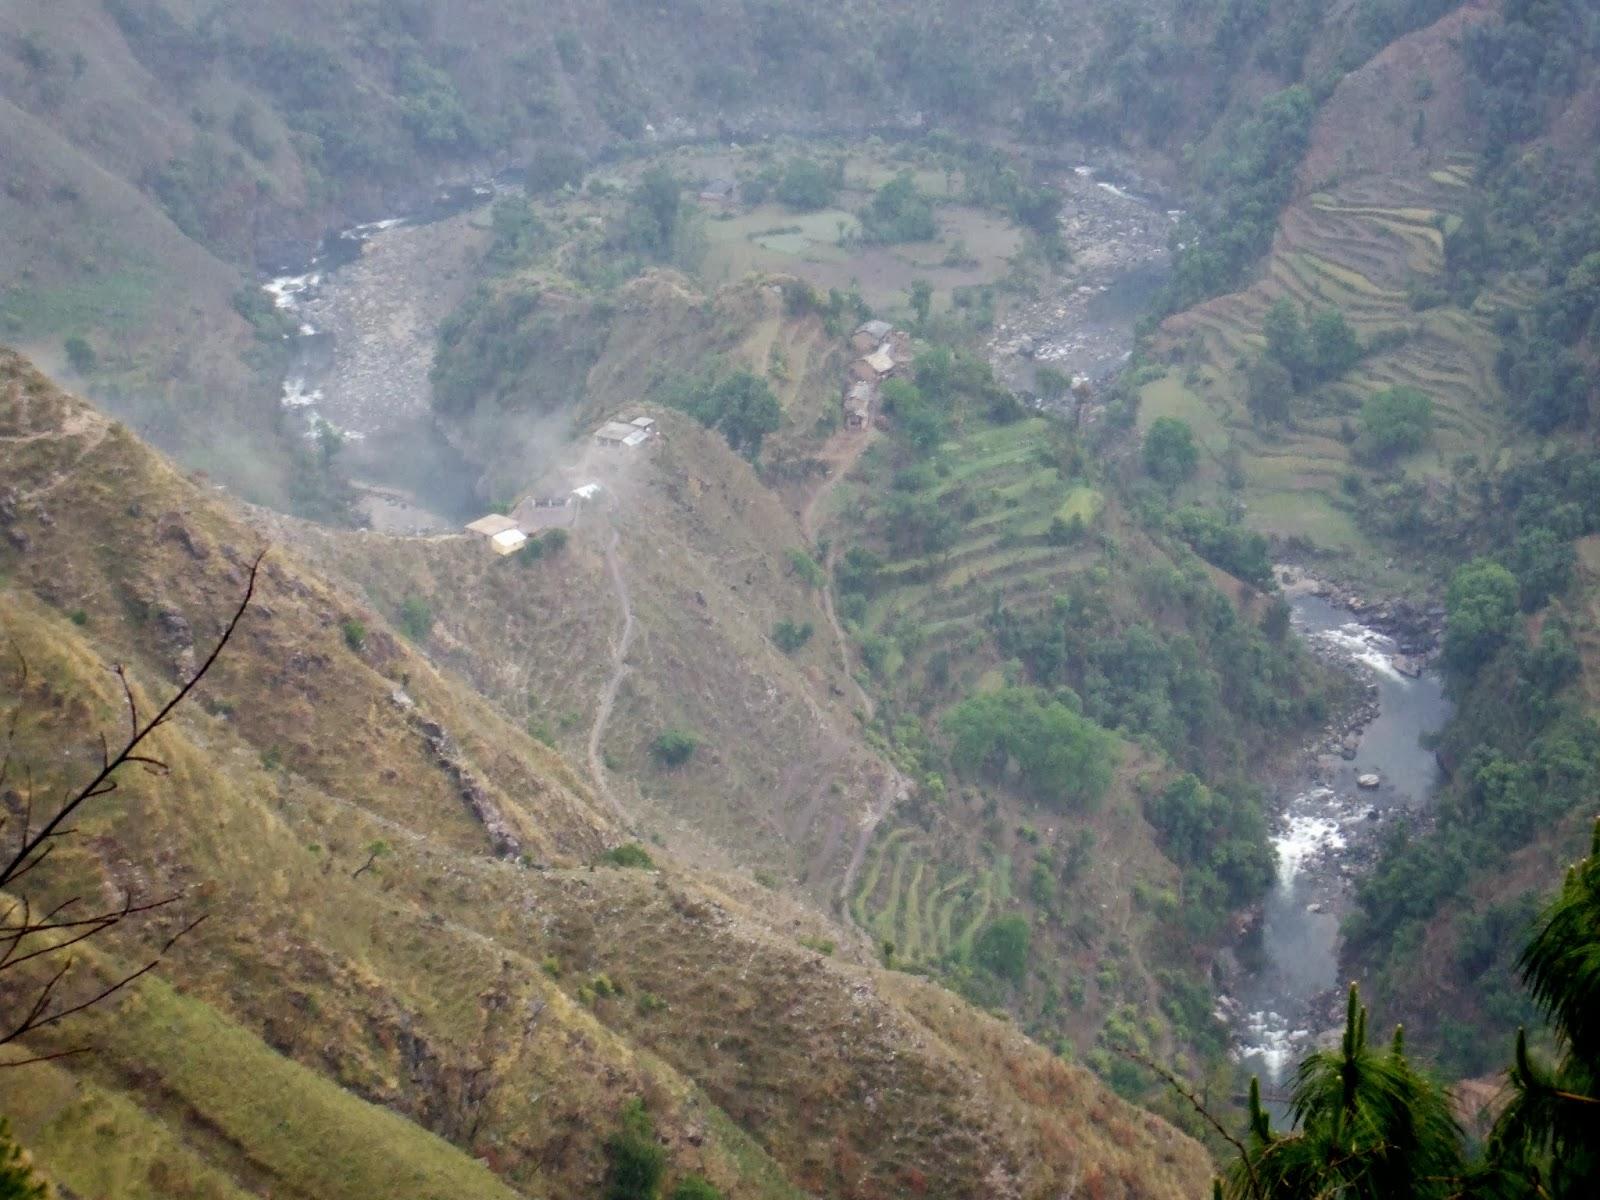 Trekking in Uttarakhand Uttarakhand Trekking Trekking